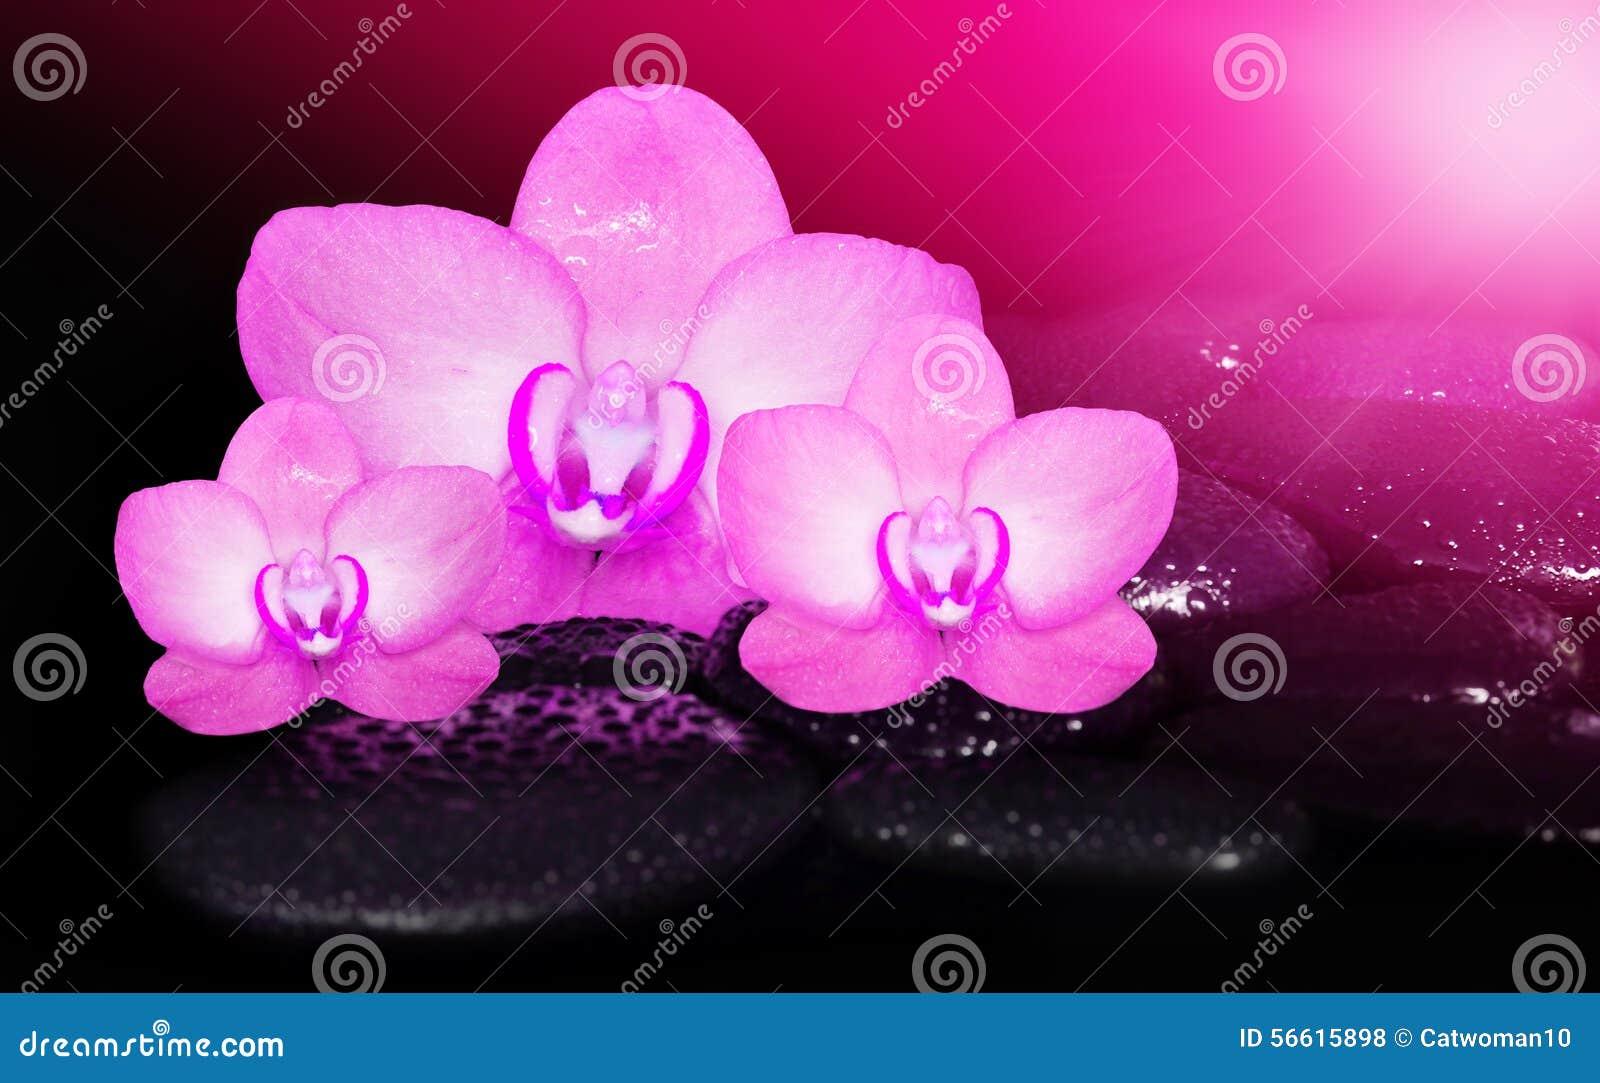 Orquideas Rosadas De Las Flores Y Piedras Negras Foto De Archivo